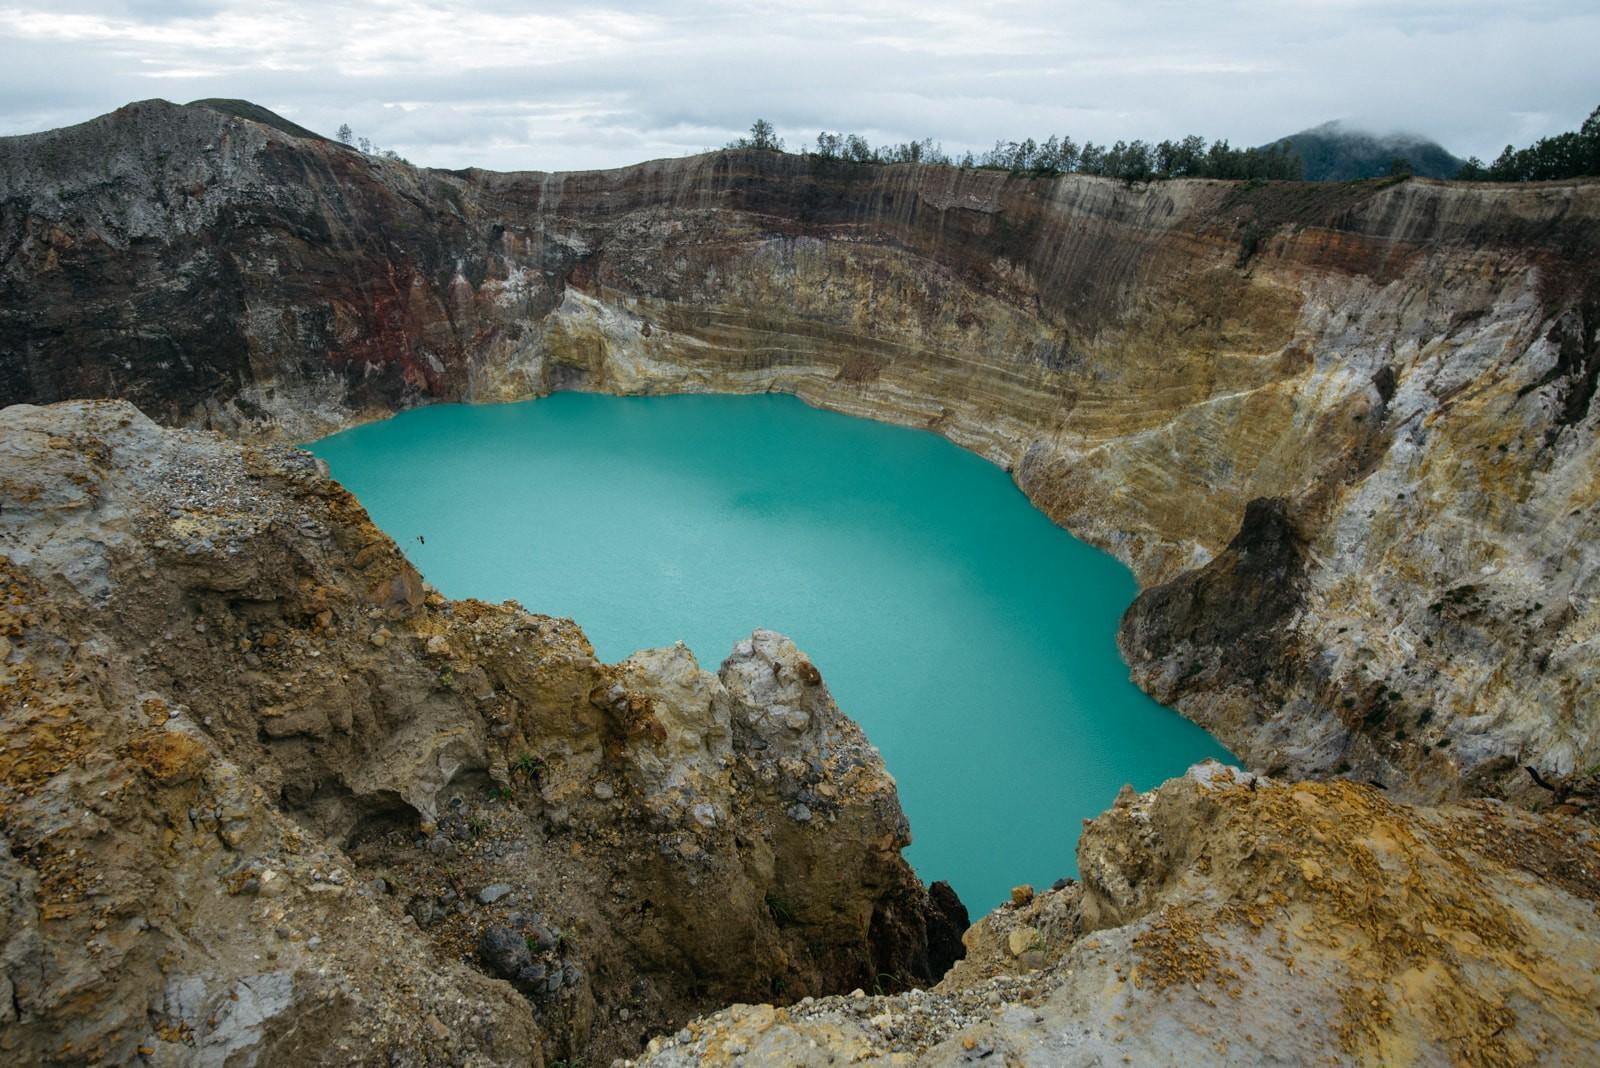 دریاچه کلیموتو تغییر رنگ